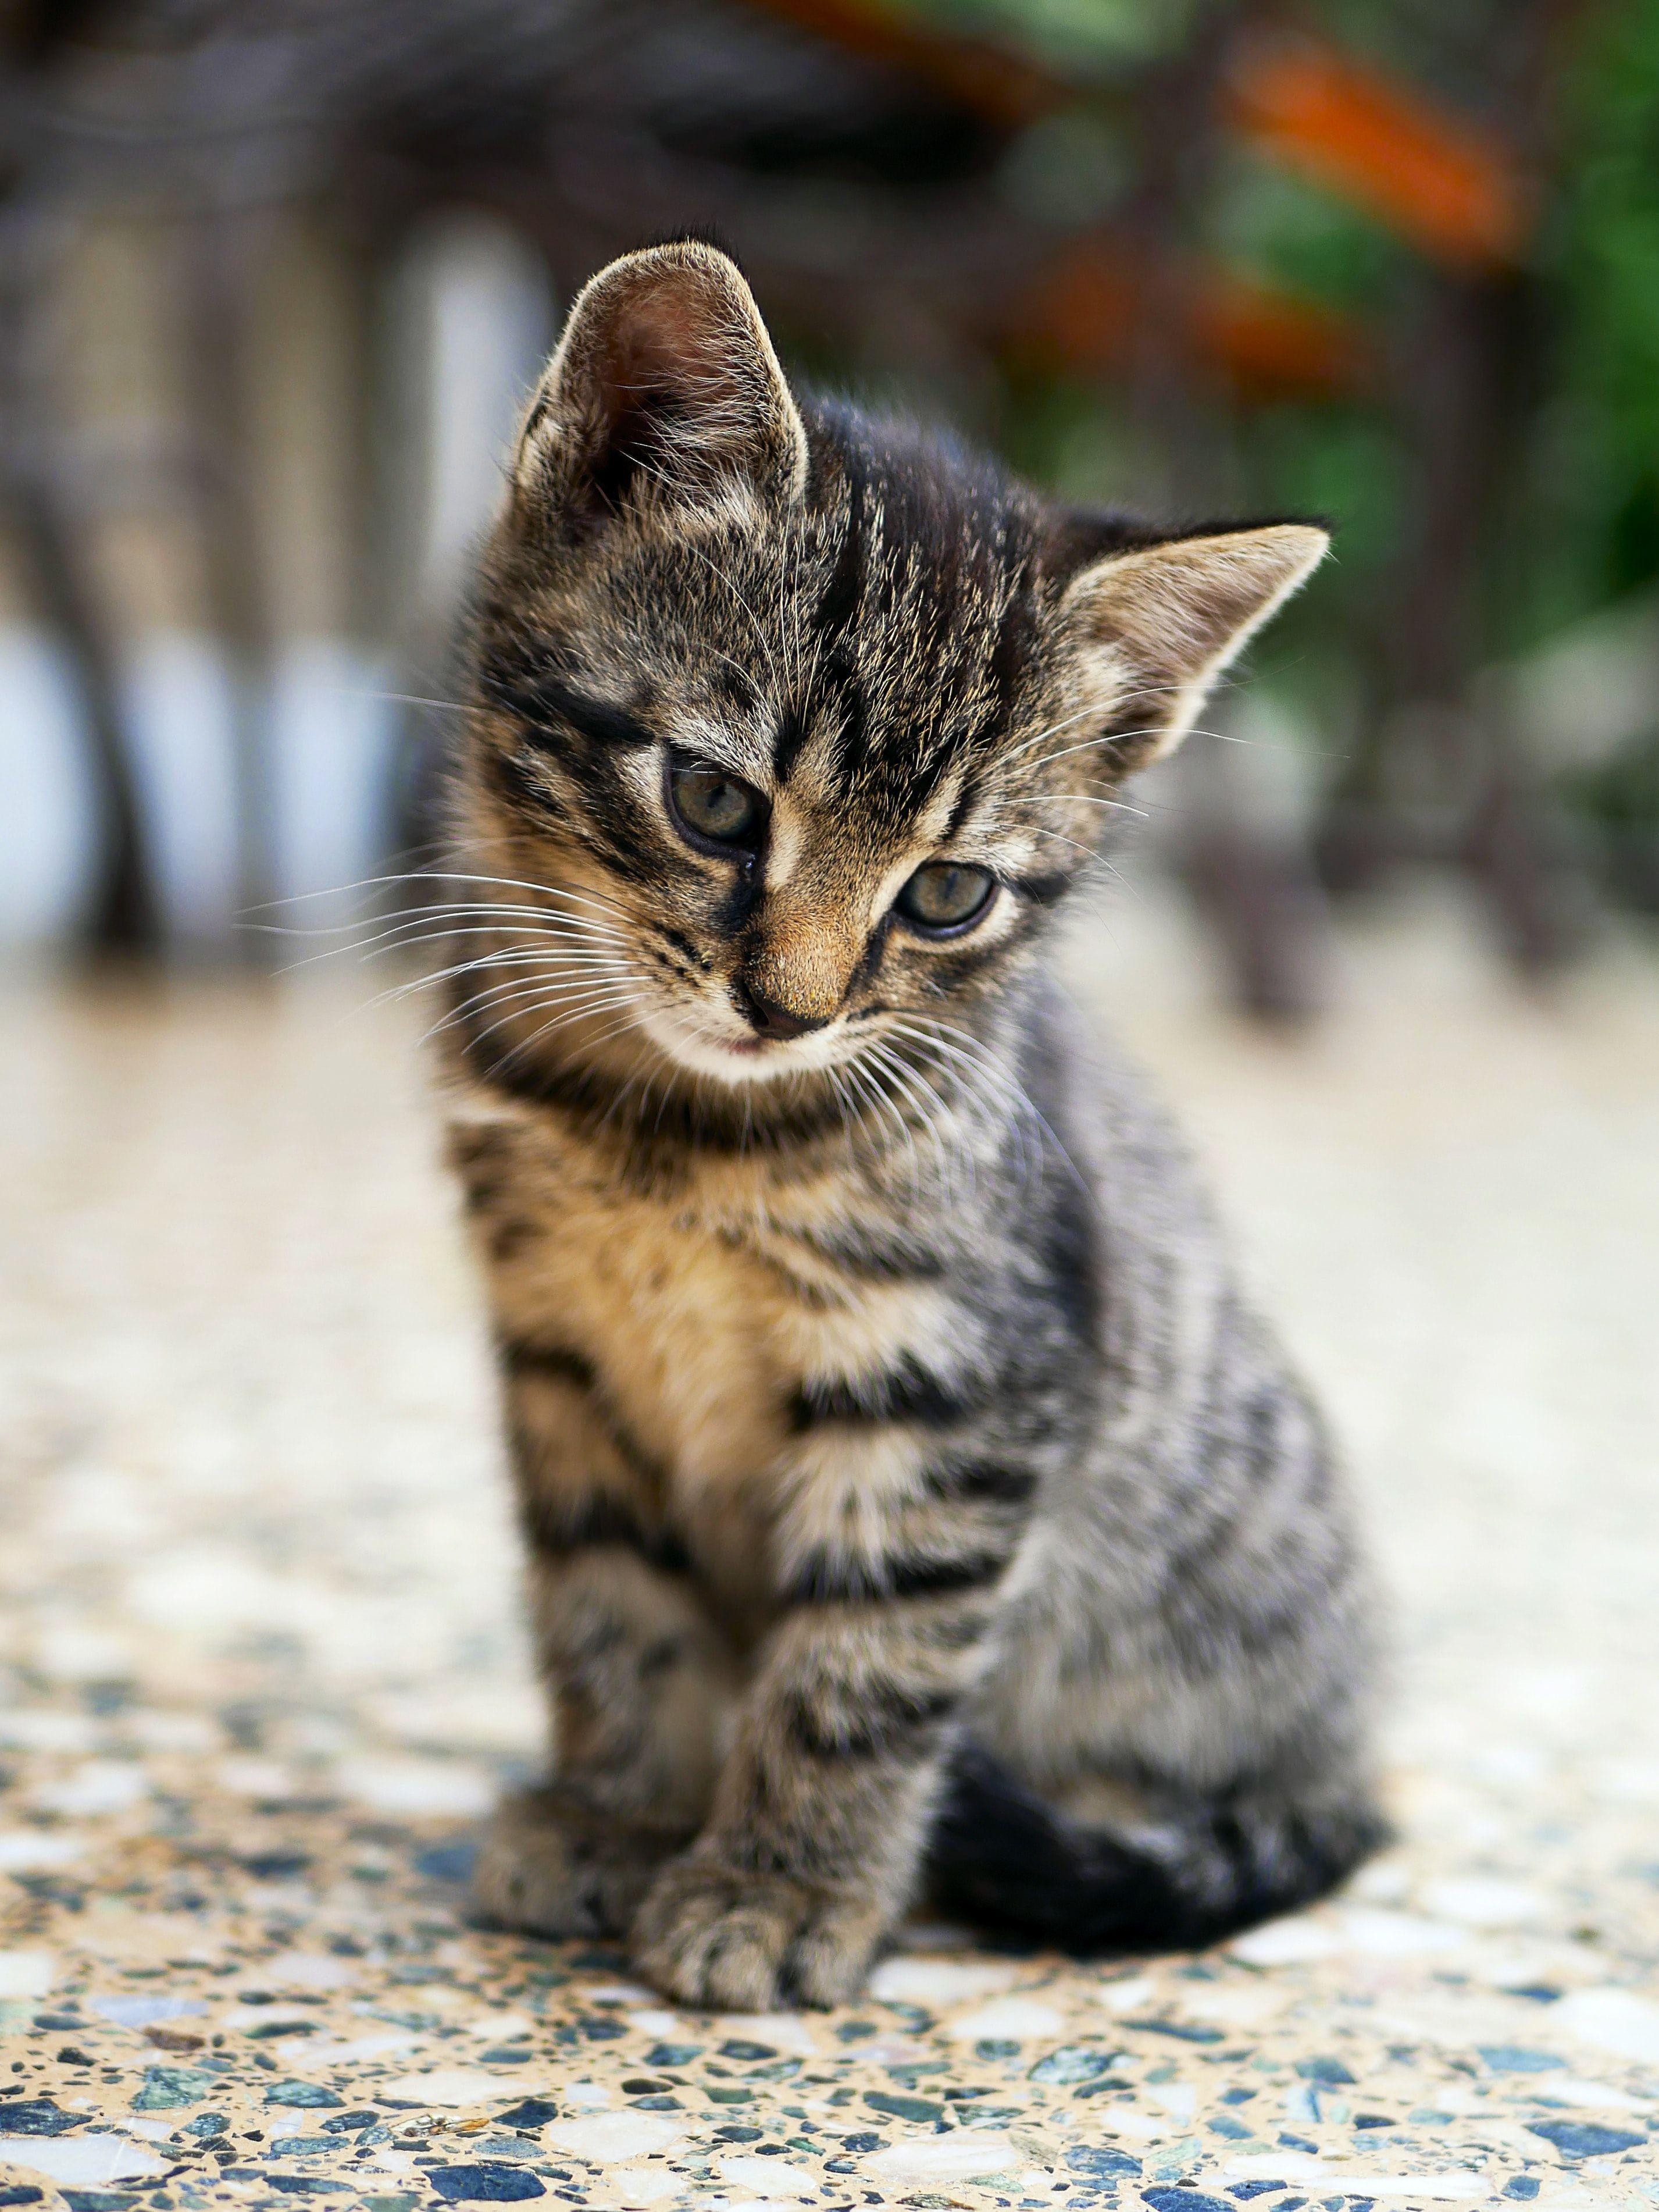 Pin Oleh Indah Lestari Di Cat Di 2020 Anak Kucing Menggemaskan Kucing Tabby Binatang Lucu